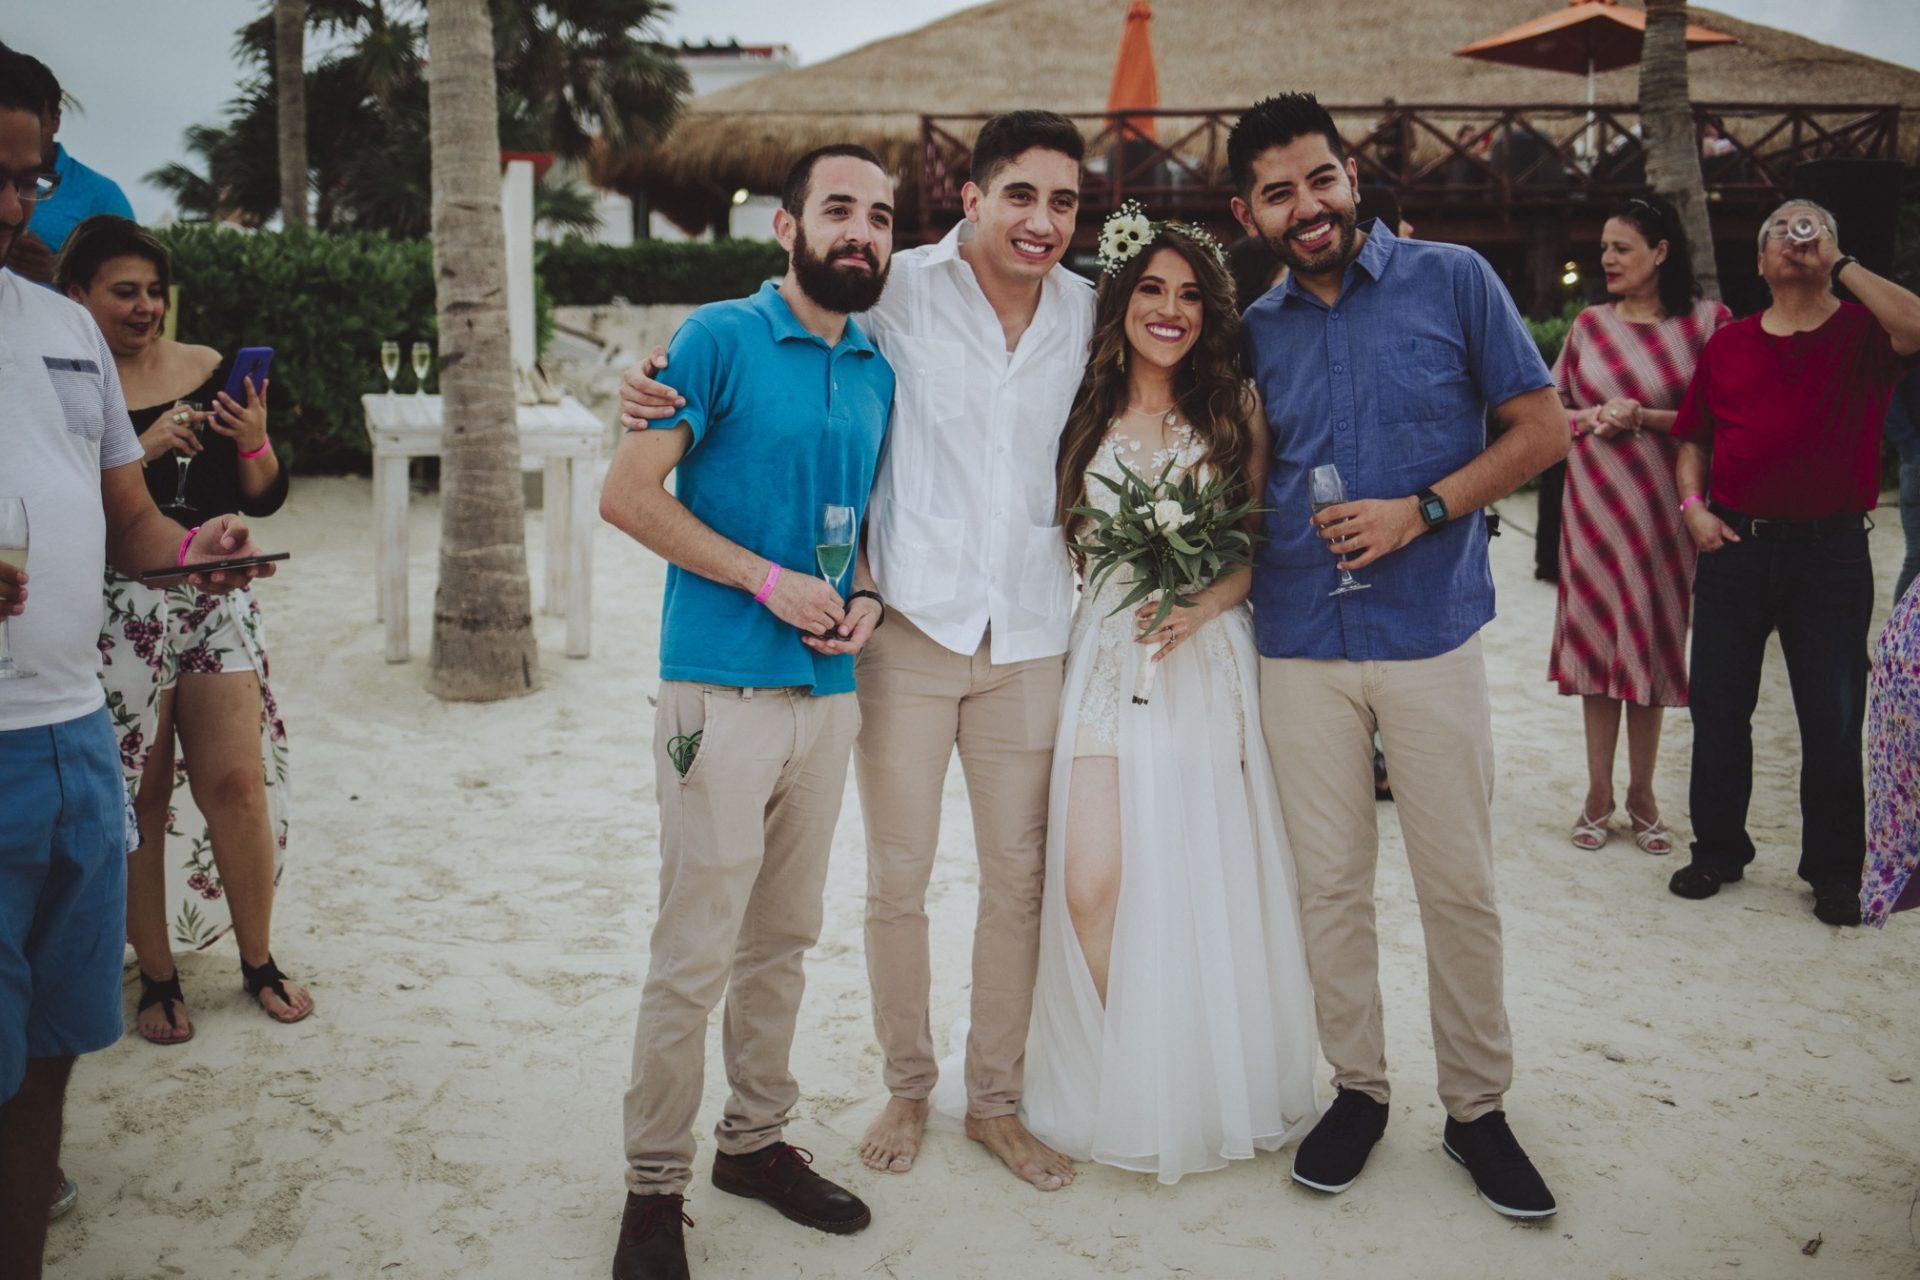 fotografo_bodas_profesional_zacatecas_riviera_maya_cancun-110